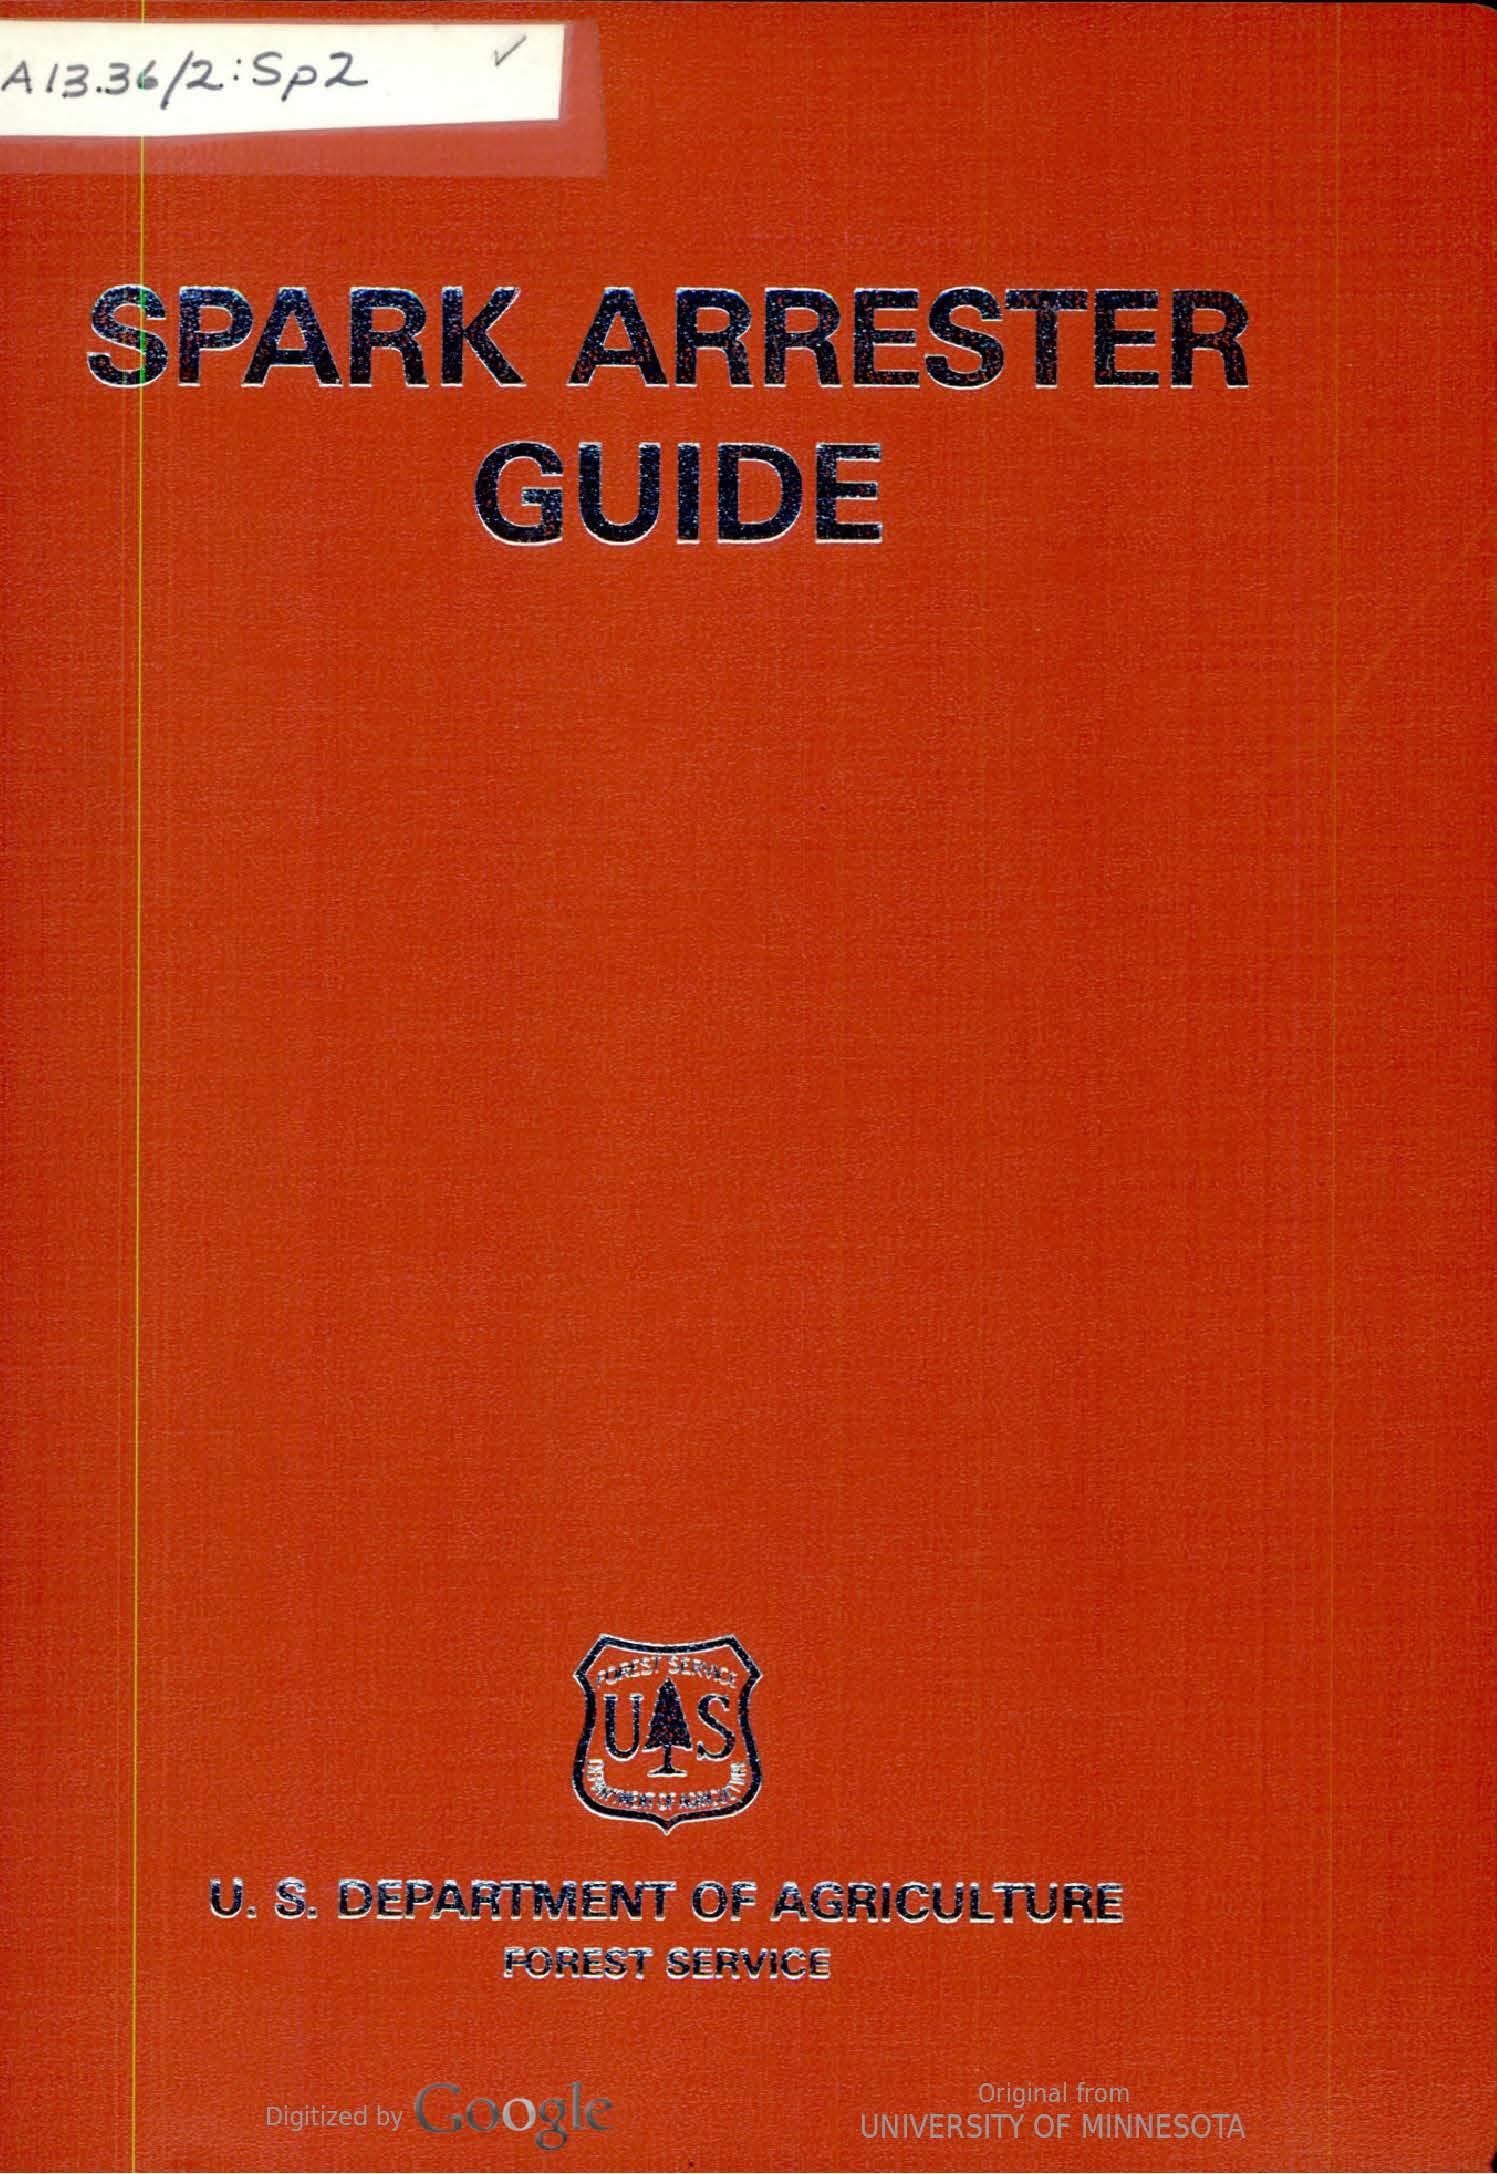 Spark Arrester Guide (1976)